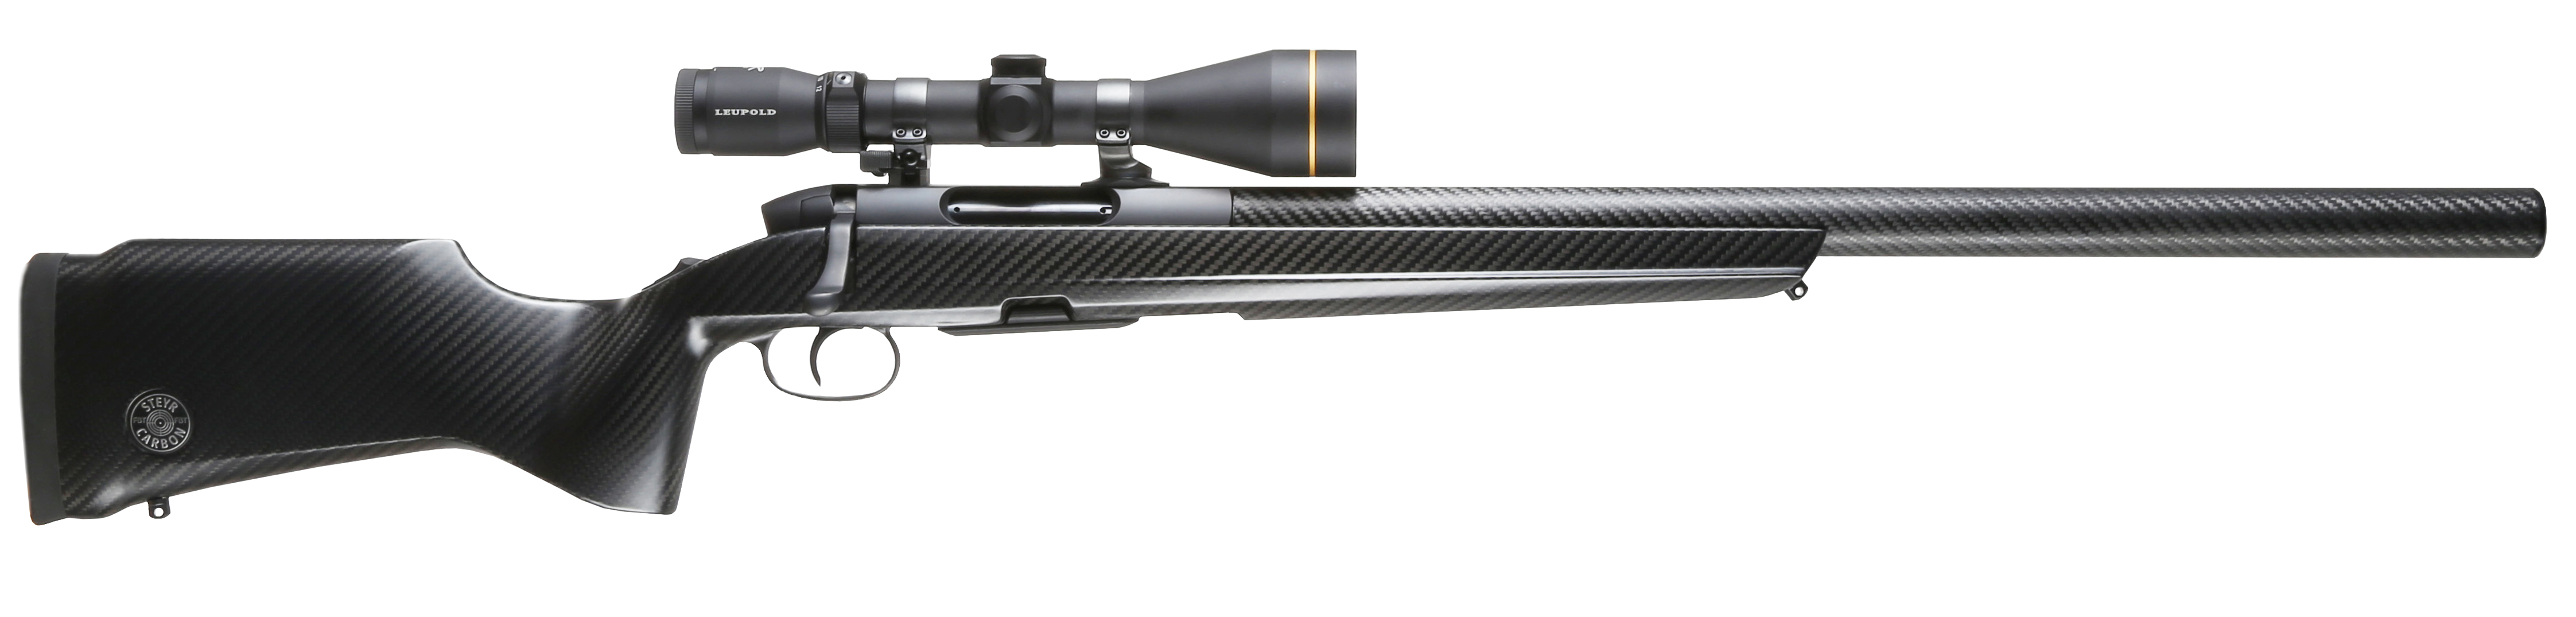 Hangtompítós Steyr vadászpuska: Breeze